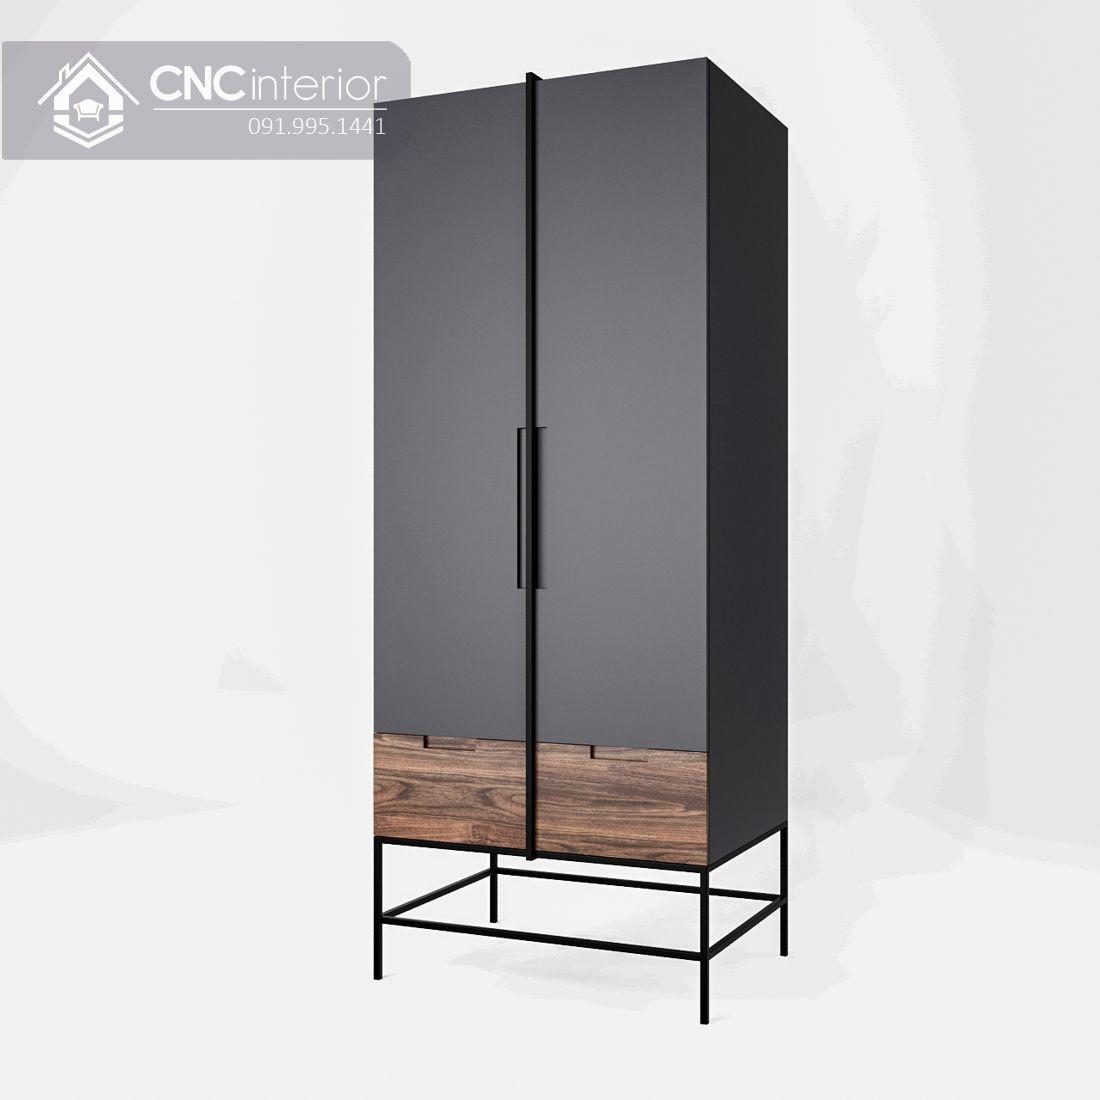 Tủ quần áo 2 cánh nhỏ gọn màu đen đẹp CNC 34